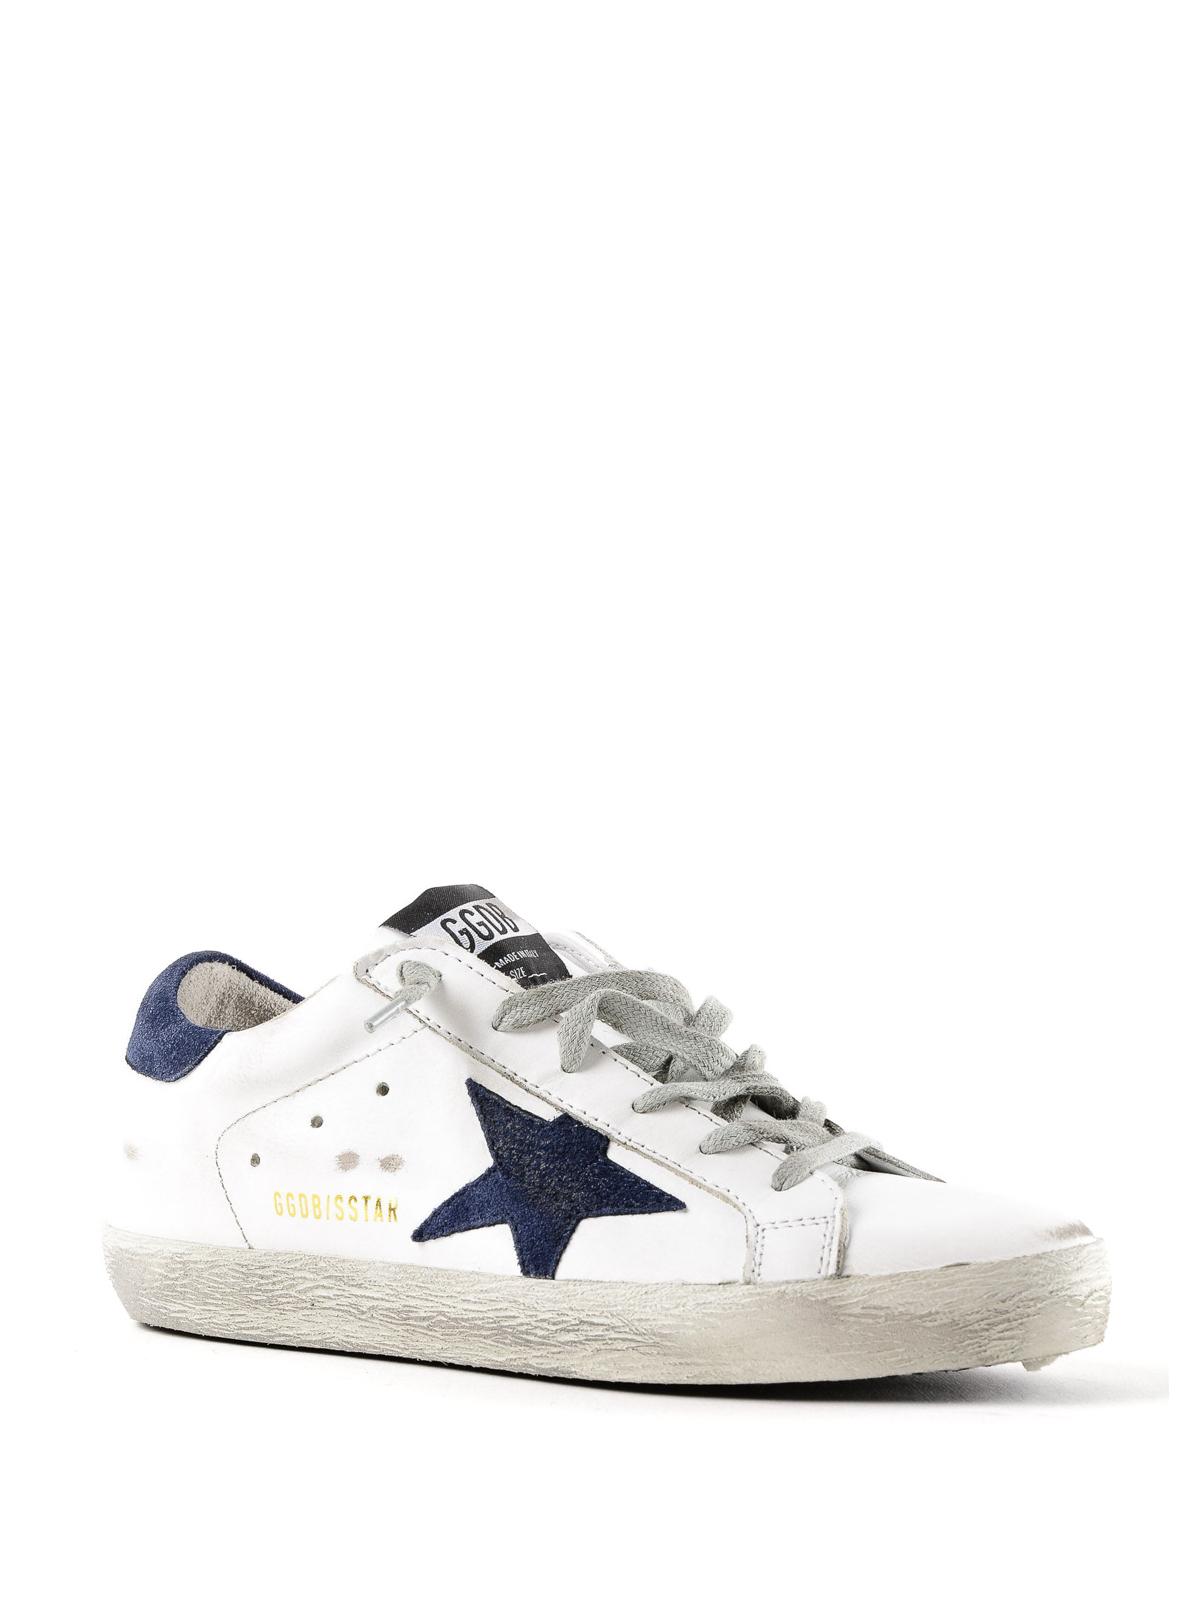 Golden Goose - Superstar sneakers with